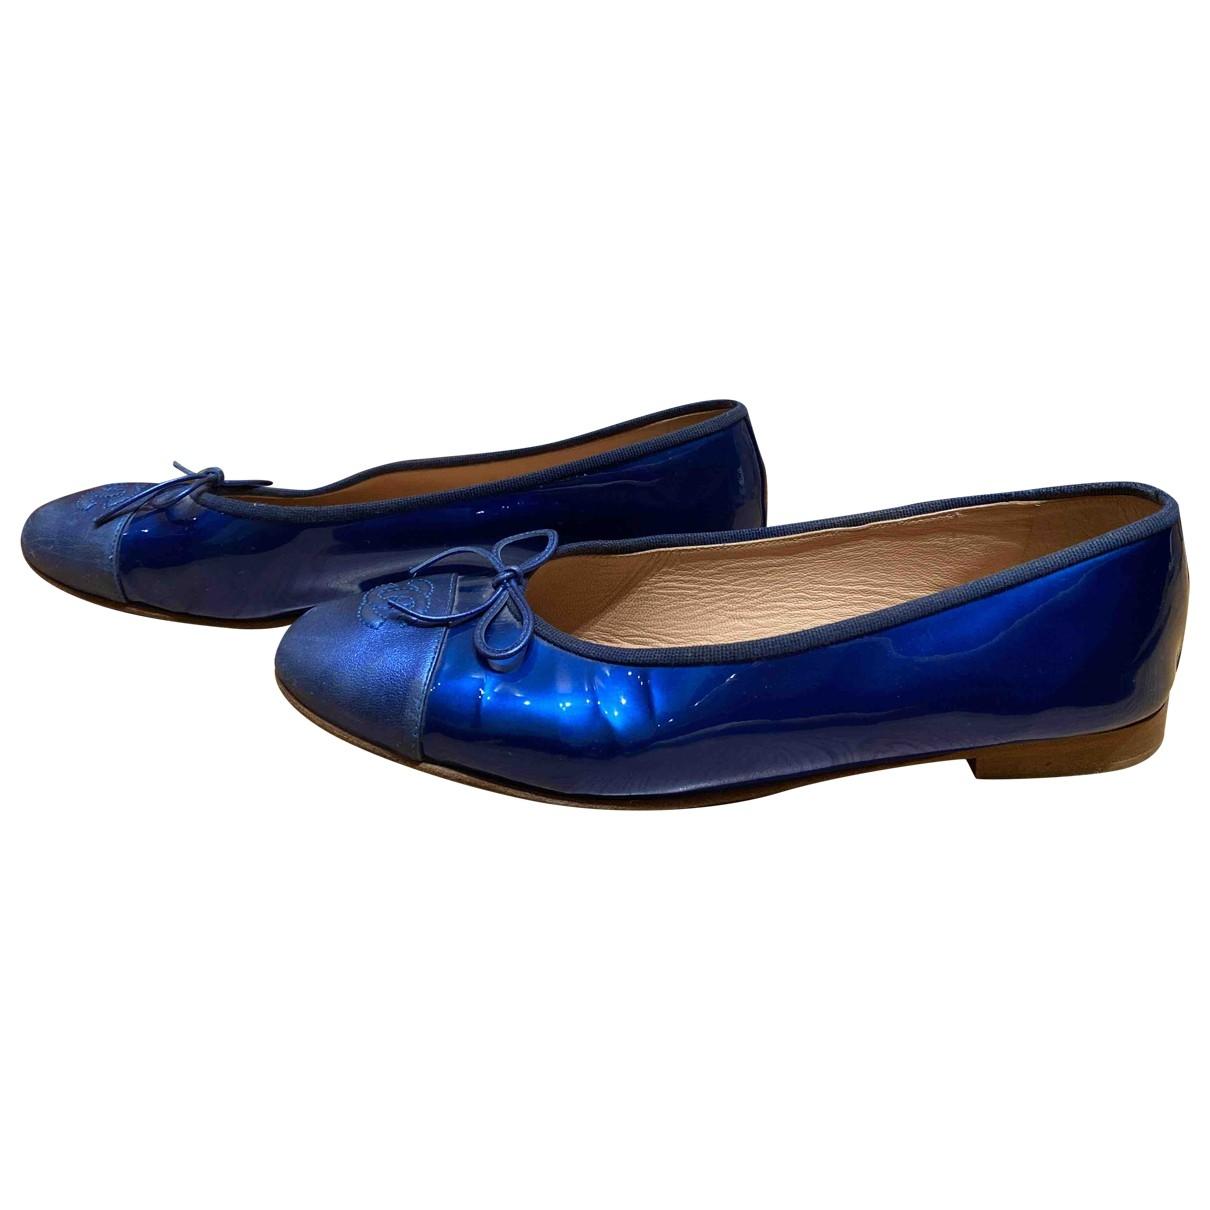 Chanel - Ballerines   pour femme en cuir verni - bleu